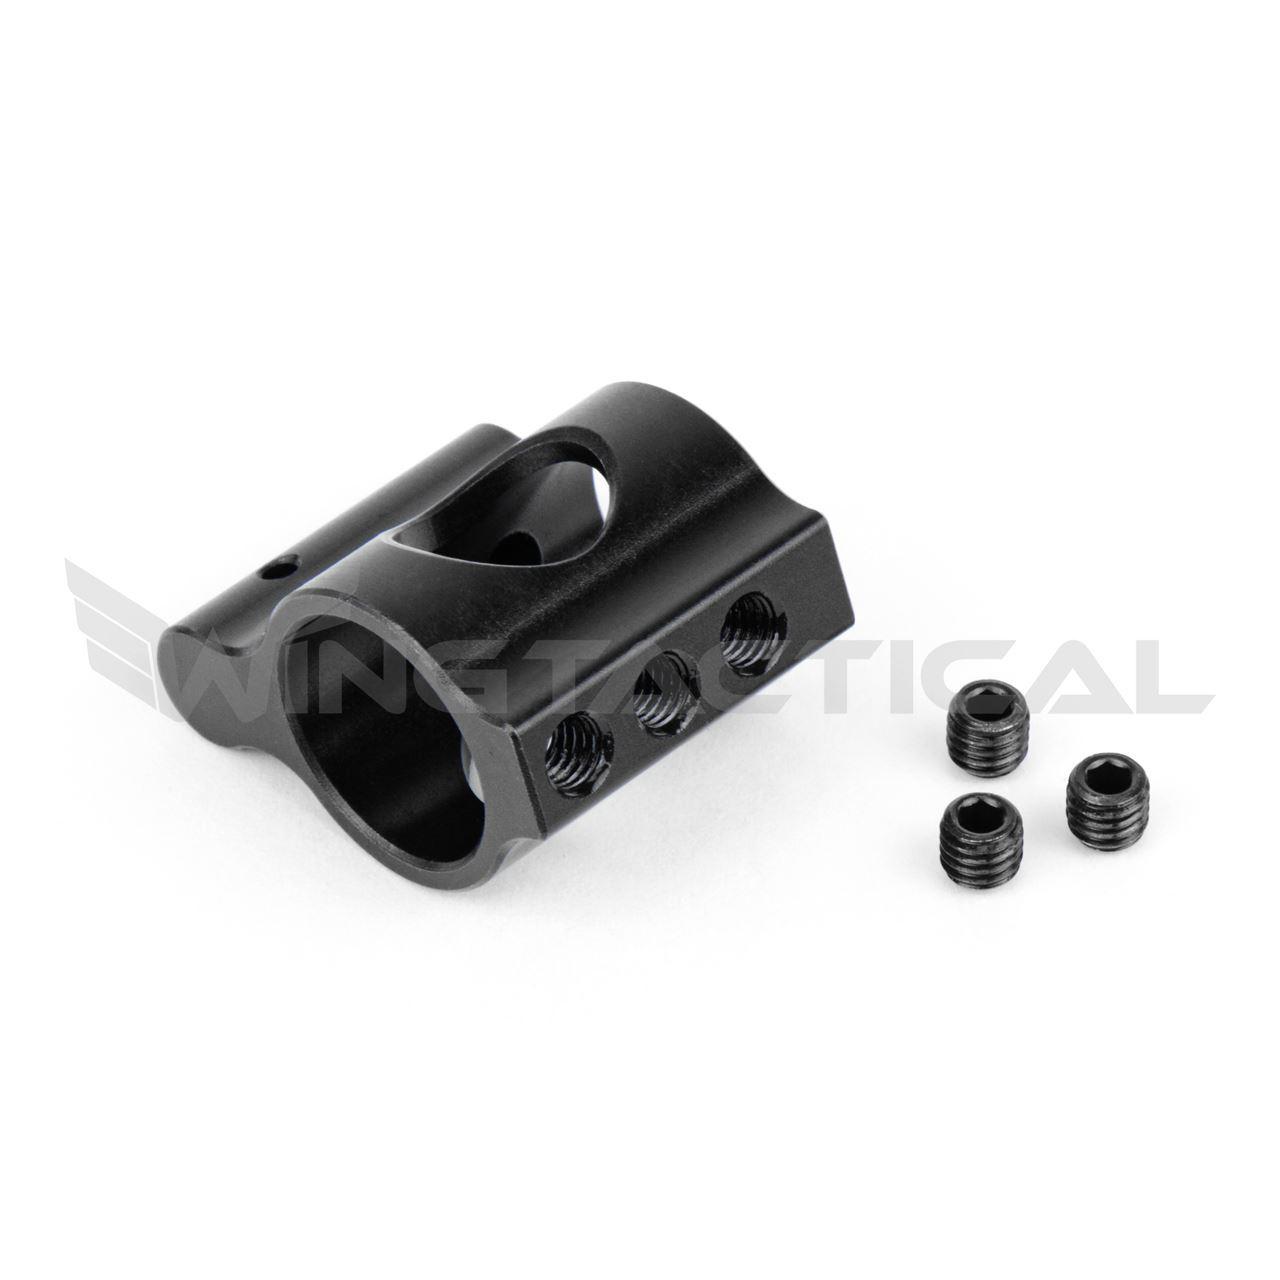 faxon-firearms-gas-block-3.jpg